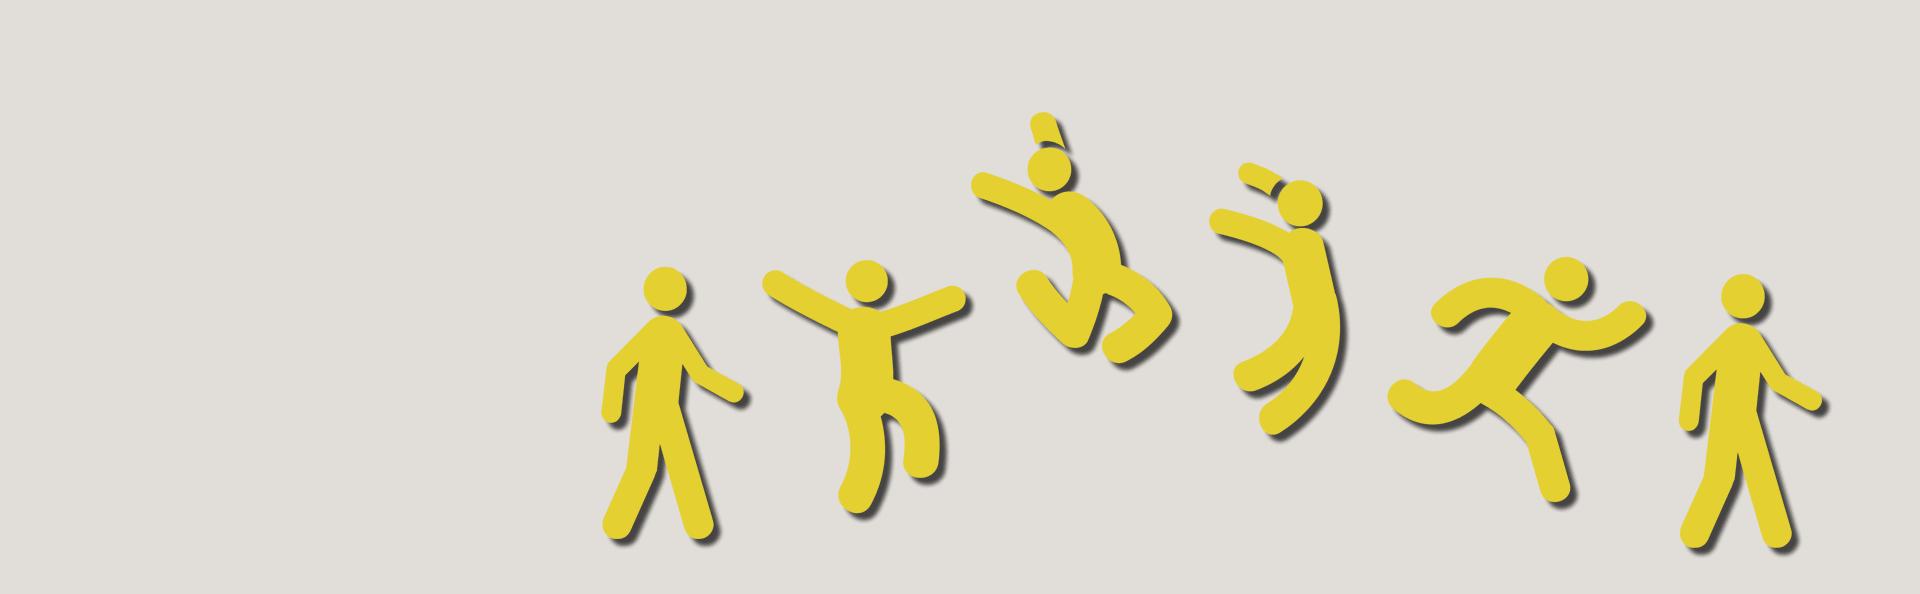 Header zum Themenbereich Körper: Leib trifft Seele: Welche Rolle spielt dein Körper